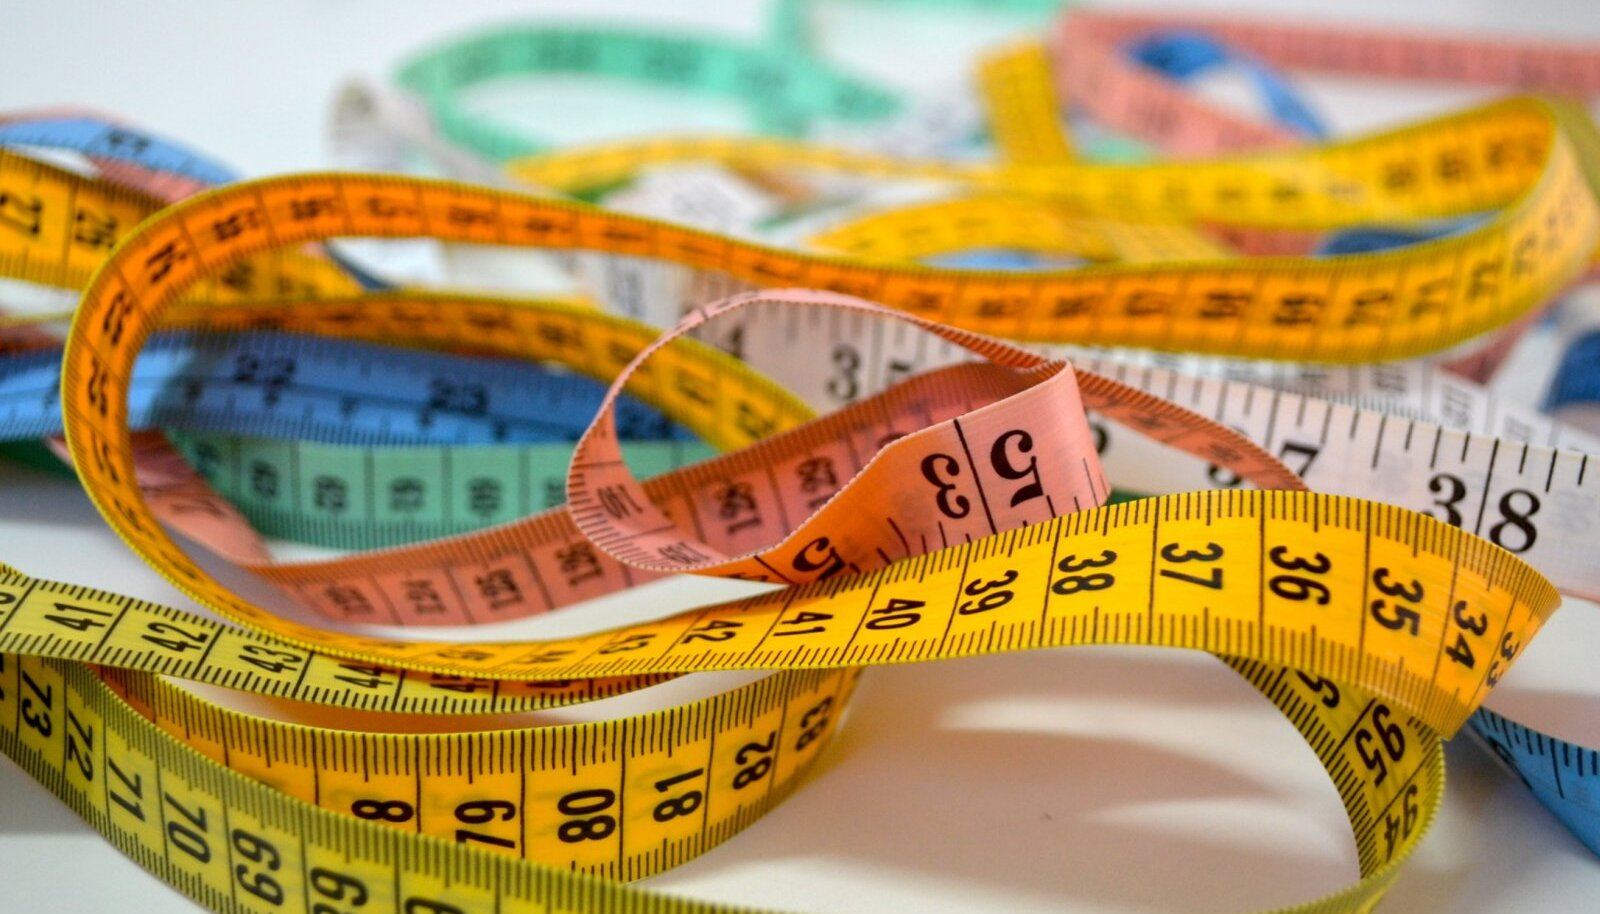 poletage rasva uuring